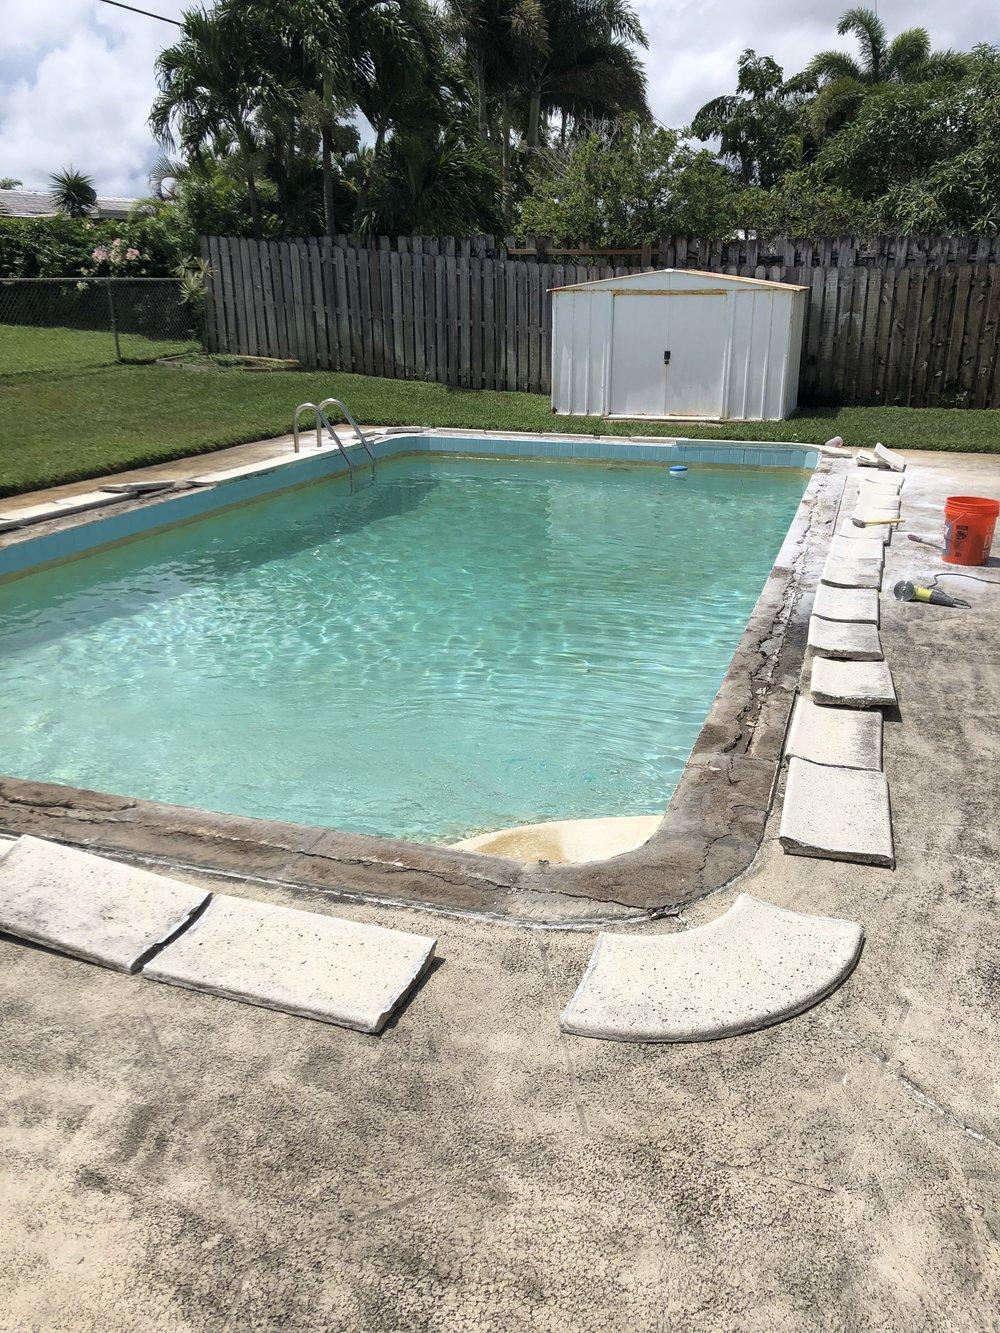 loose pool coping.jpg